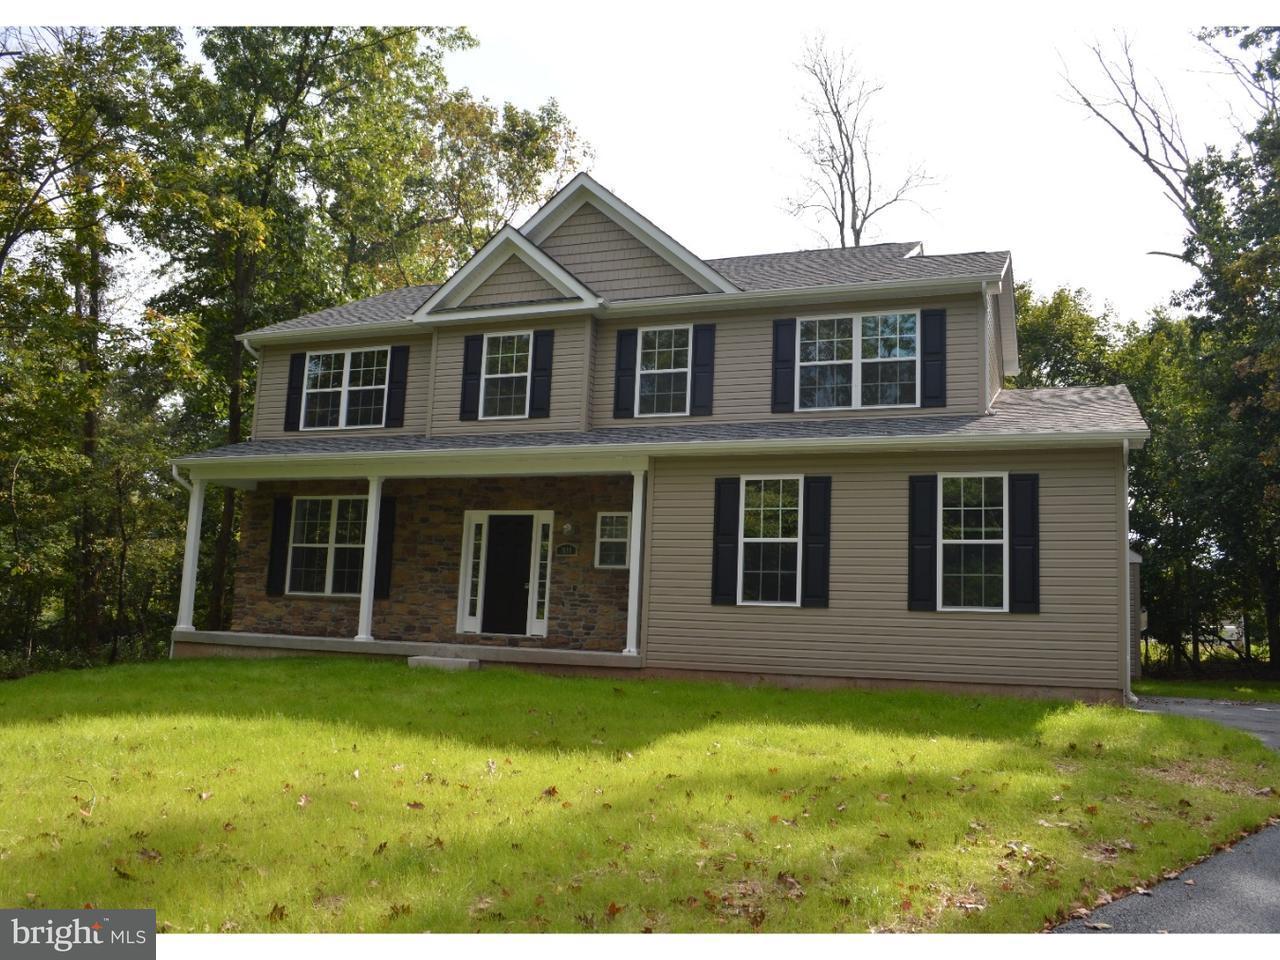 Частный односемейный дом для того Продажа на 725 SCHWAB Road Hatfield, Пенсильвания 19440 Соединенные Штаты